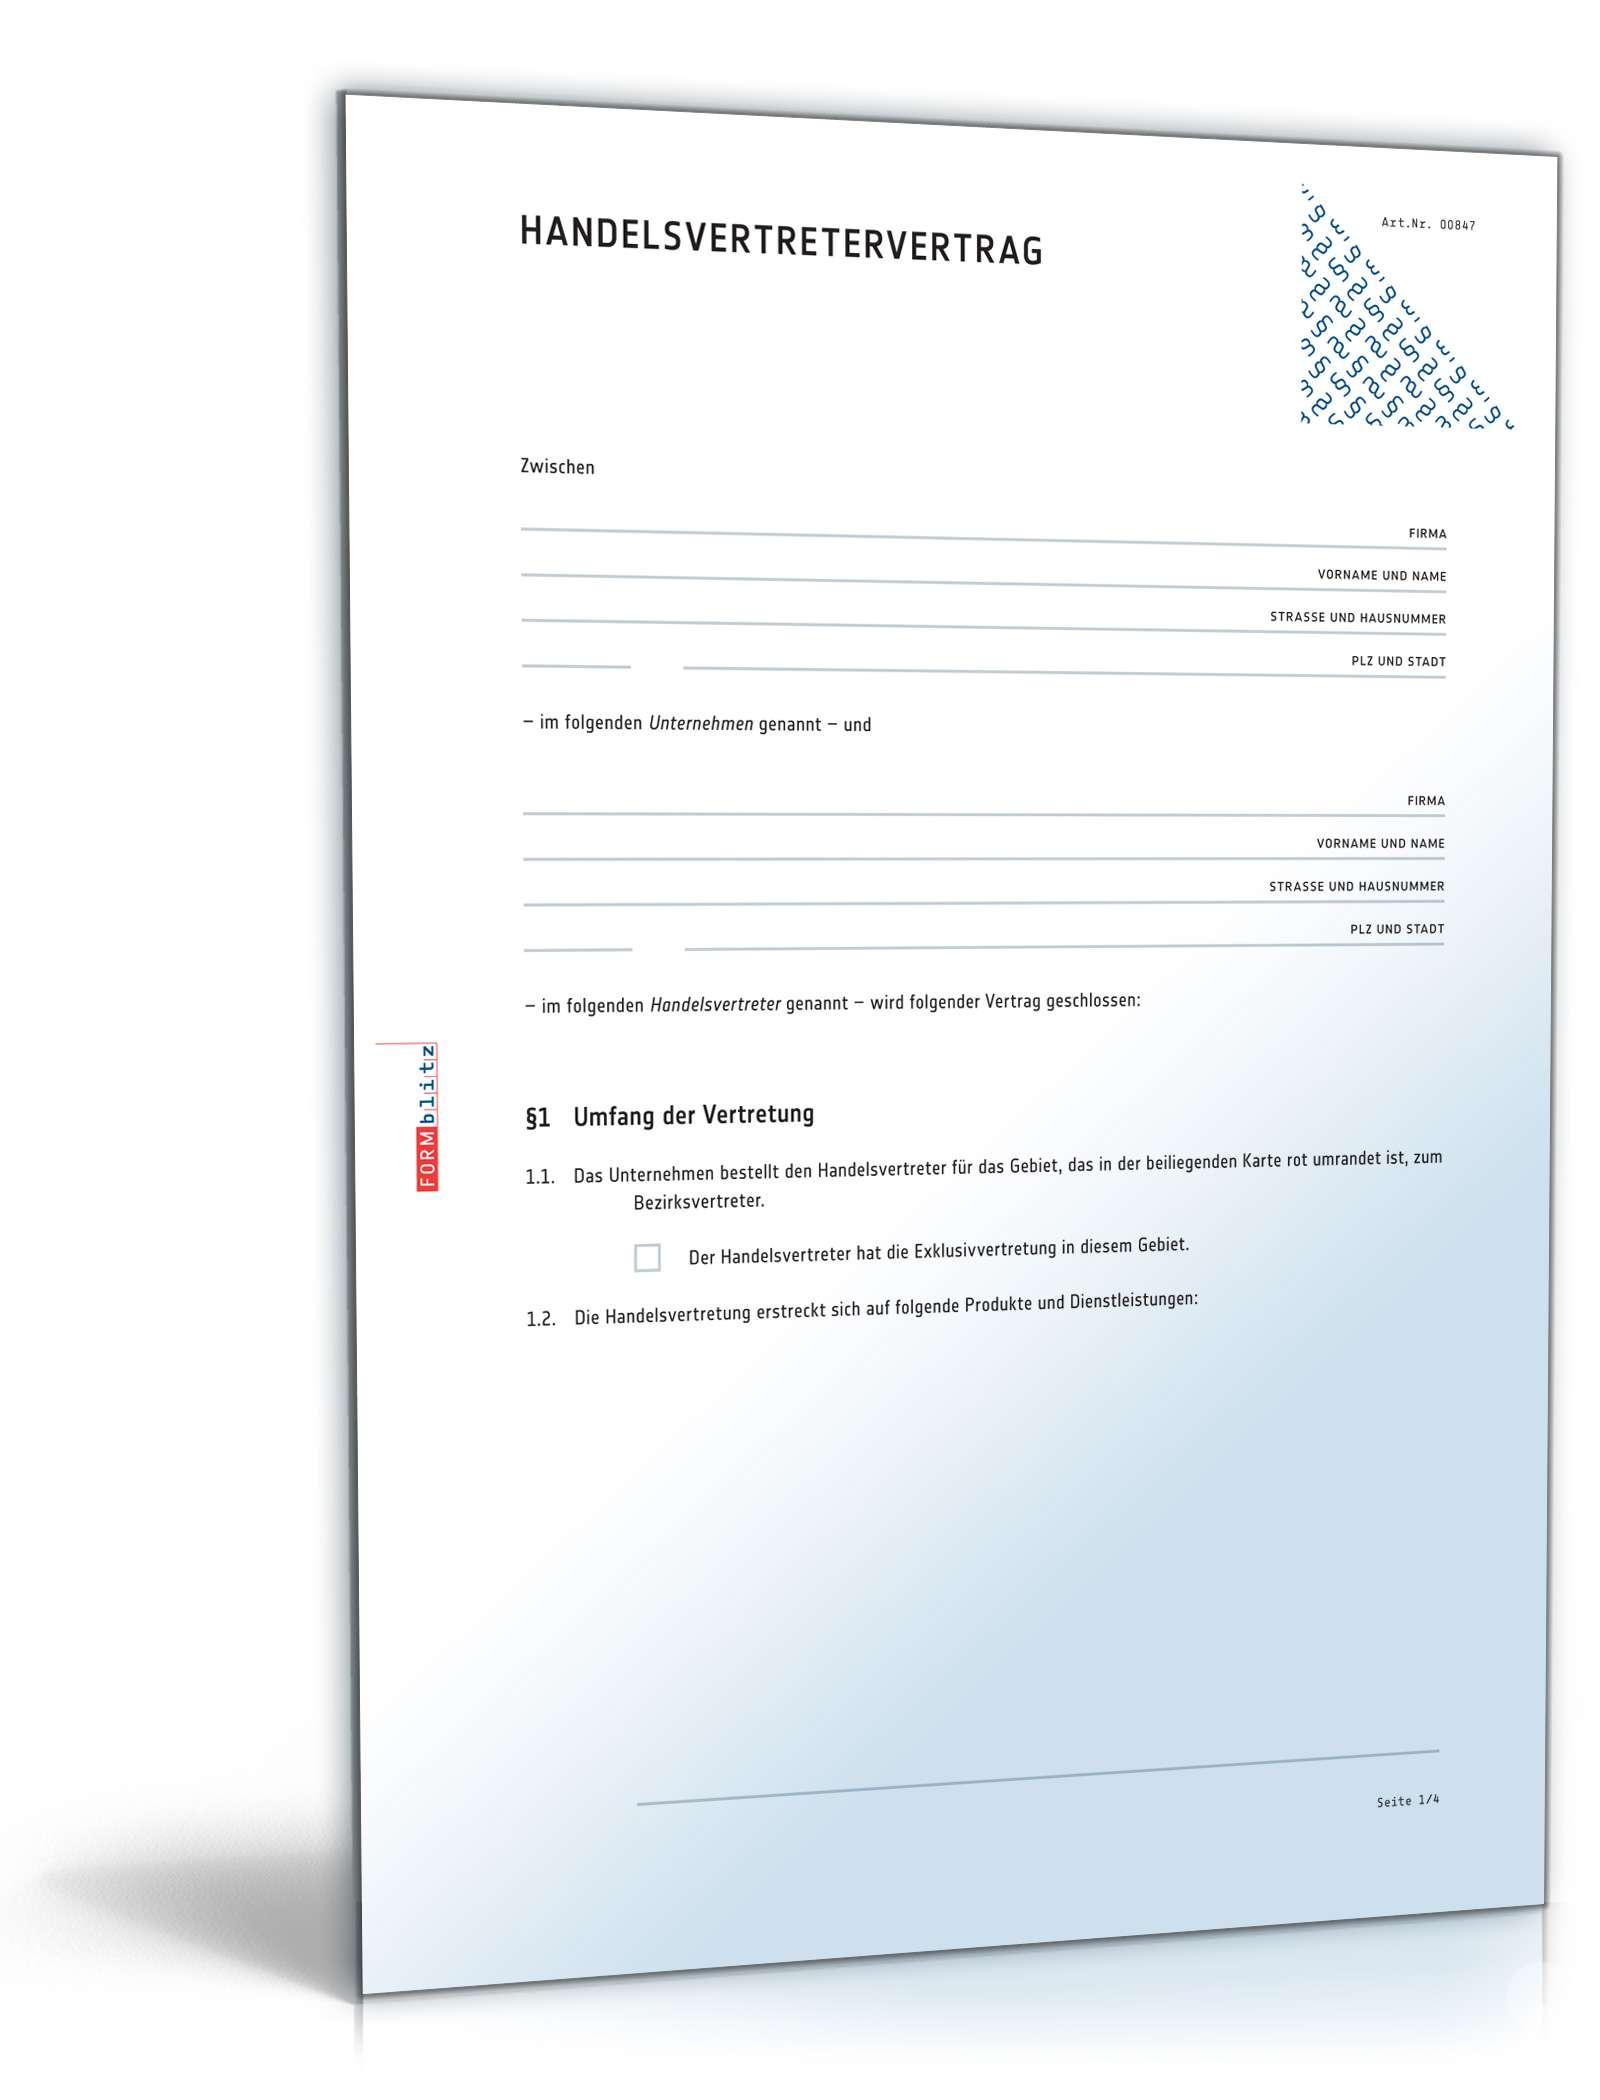 Muster Handelsvertretervertrag Vorlage Zum Download 14